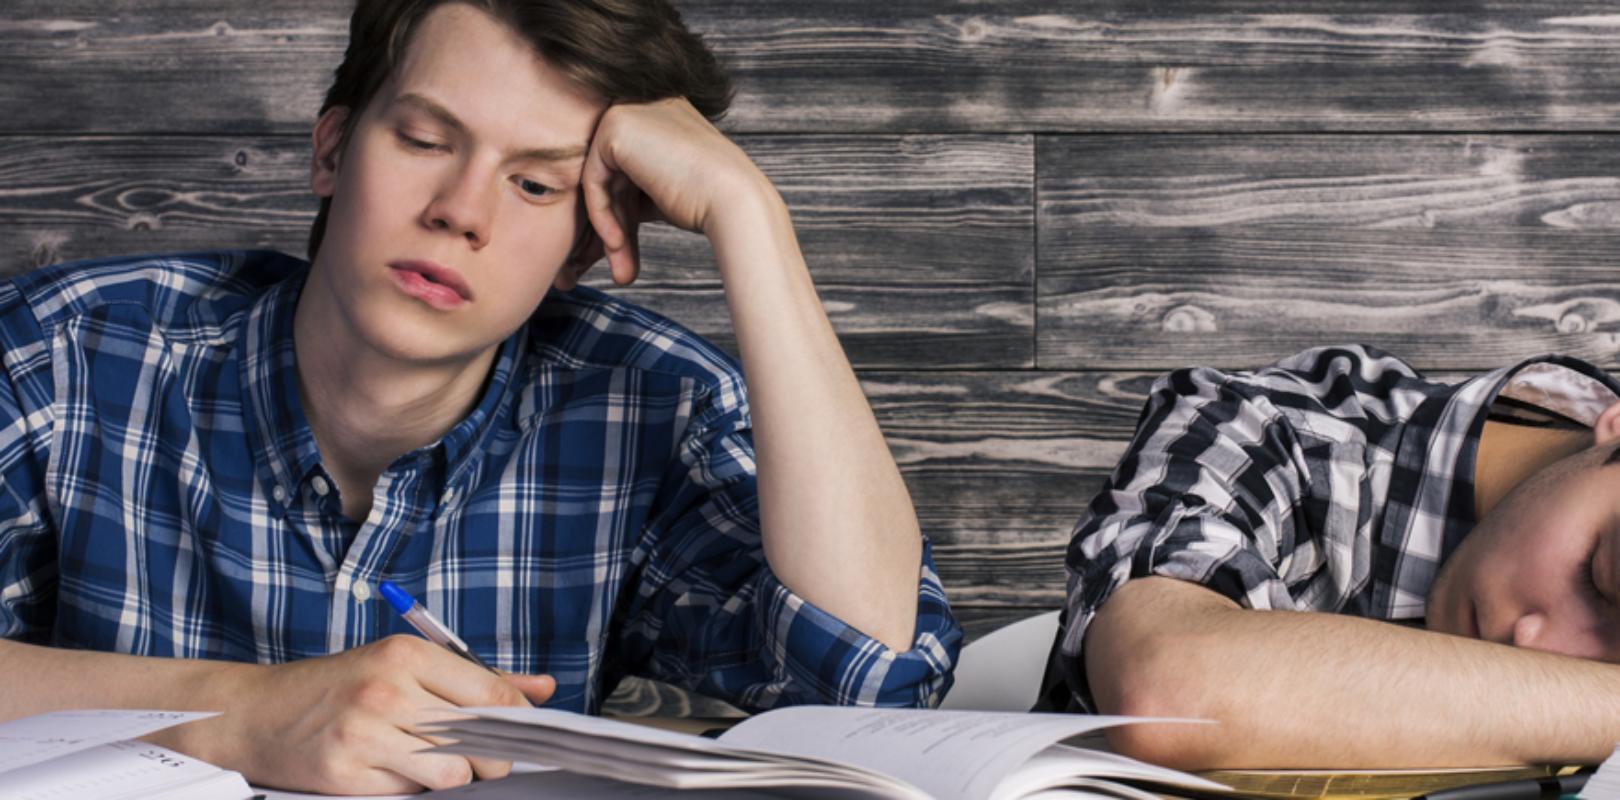 Abi und Studium: Wirklich eine Perspektive?